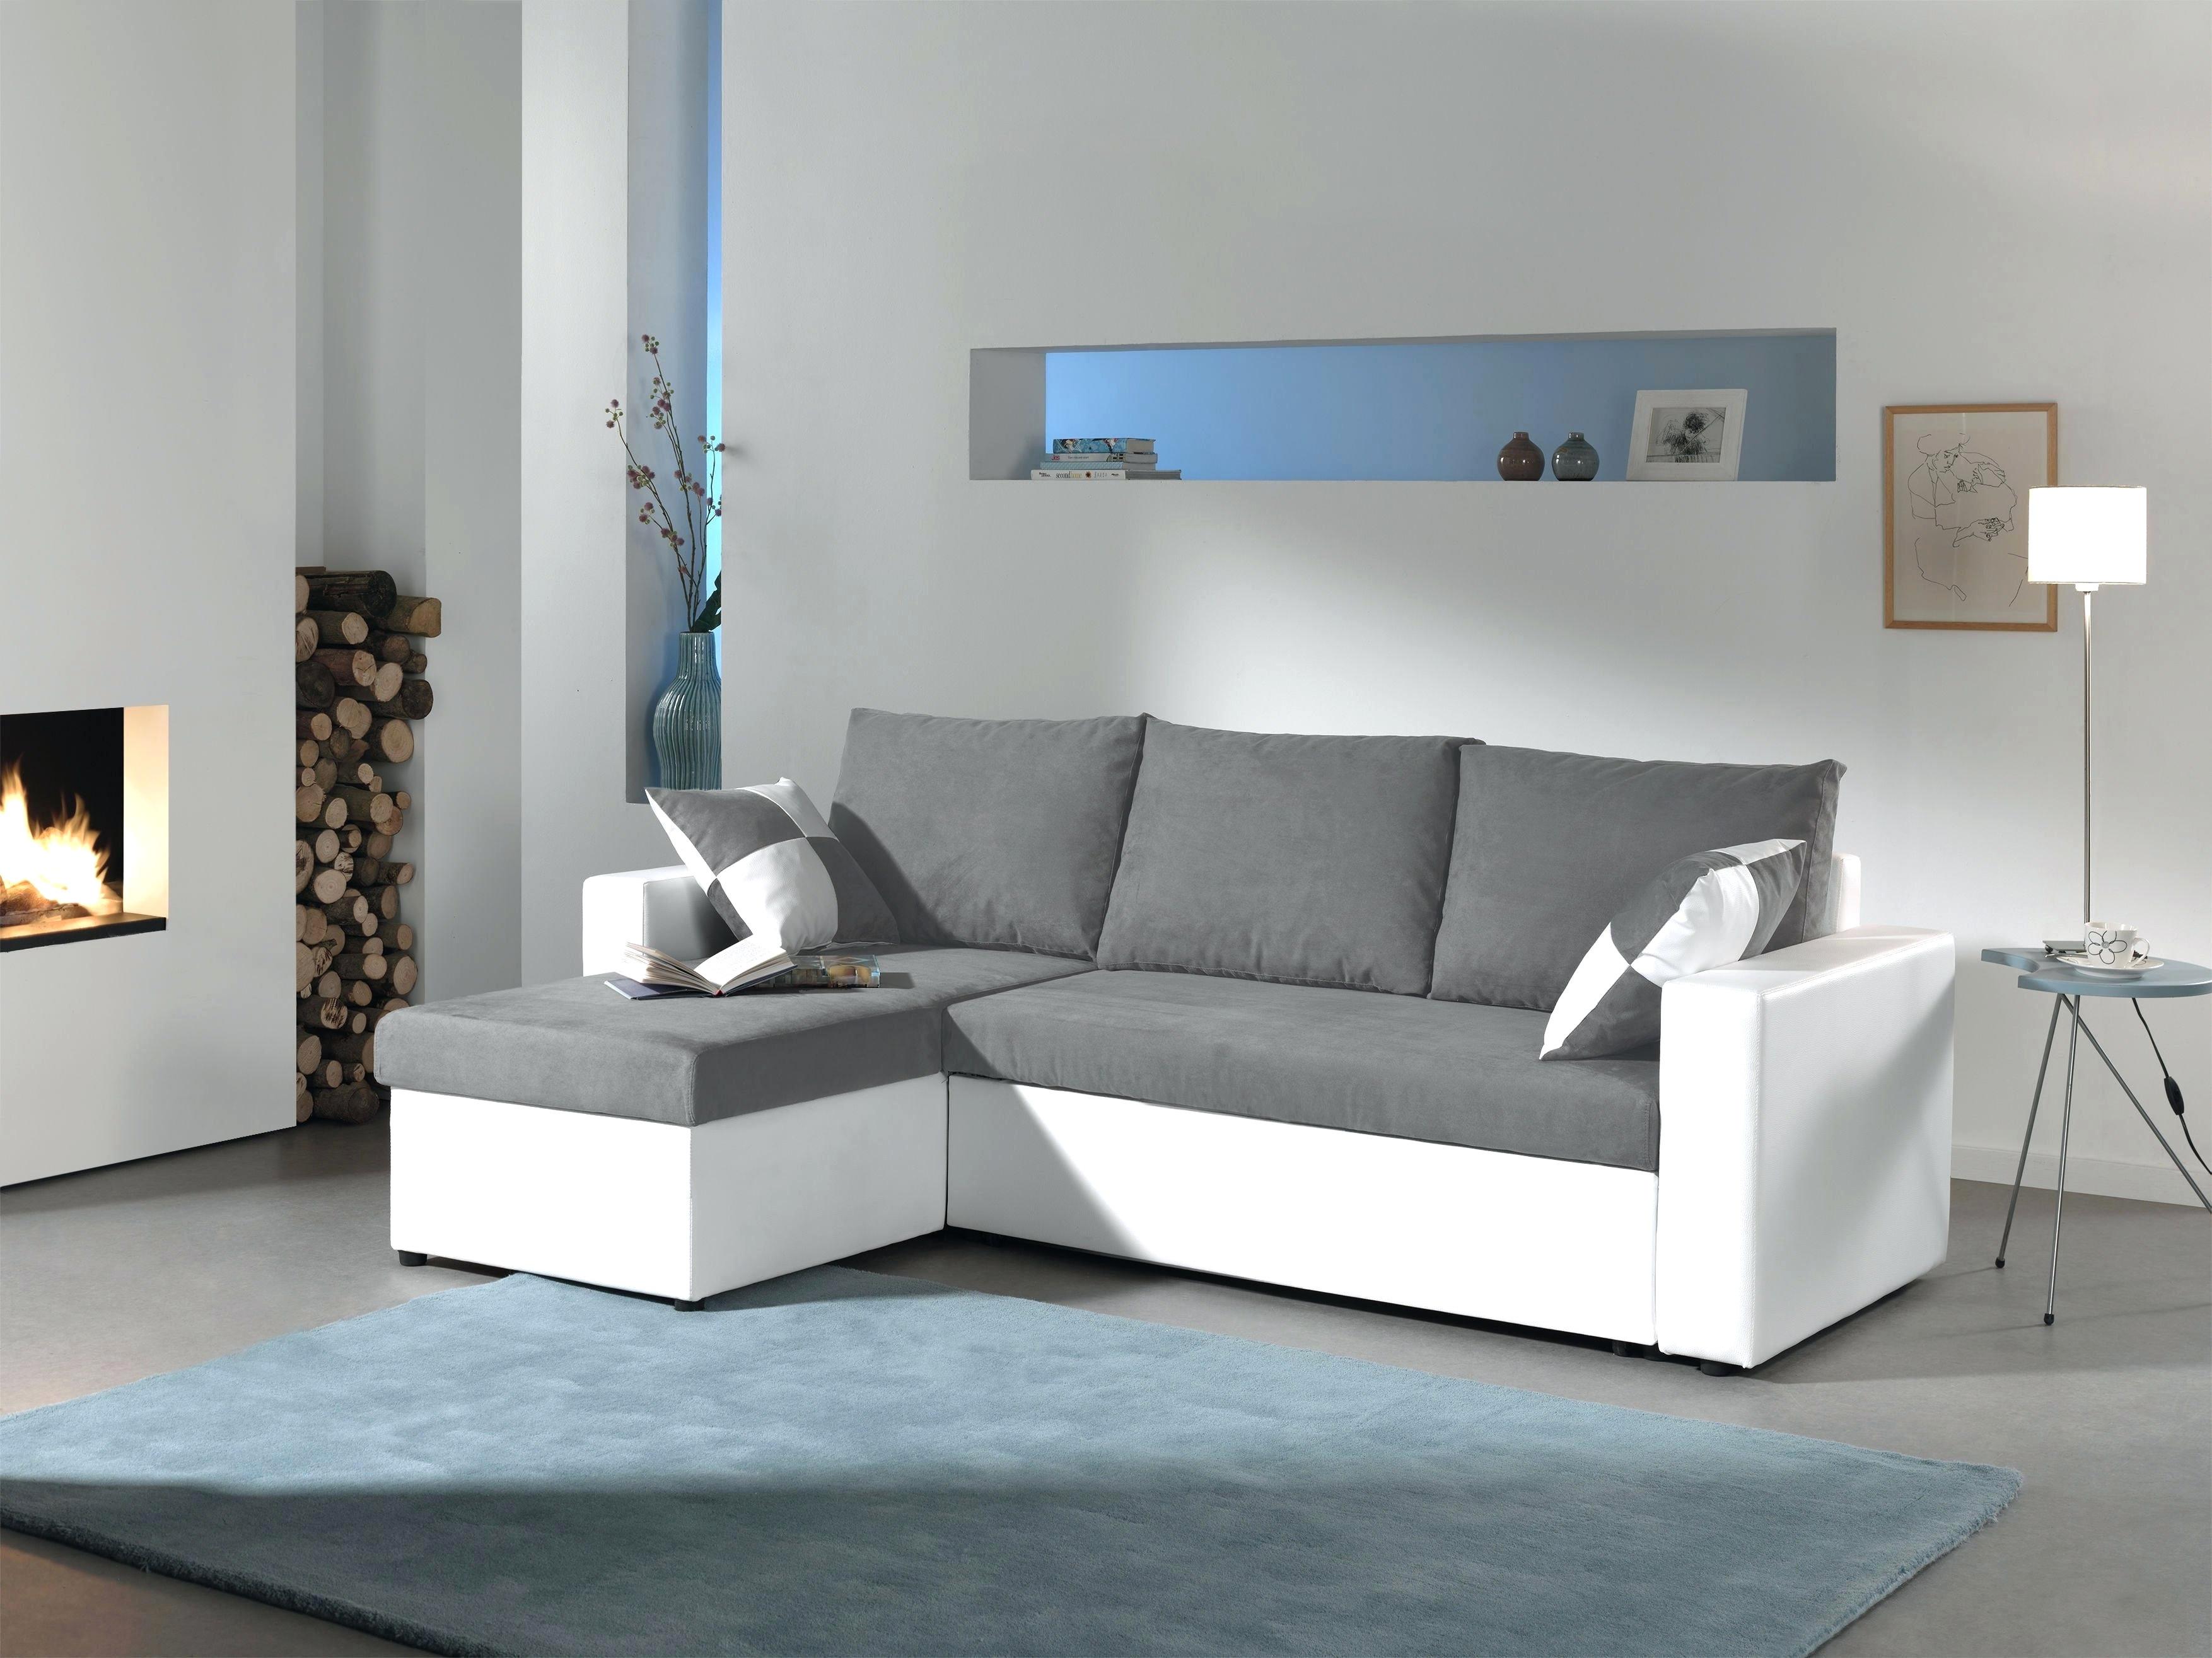 Canapé Friheten Avis Impressionnant Stock Les 15 Frais Canapé Convertible Avec Coffre De Rangement S